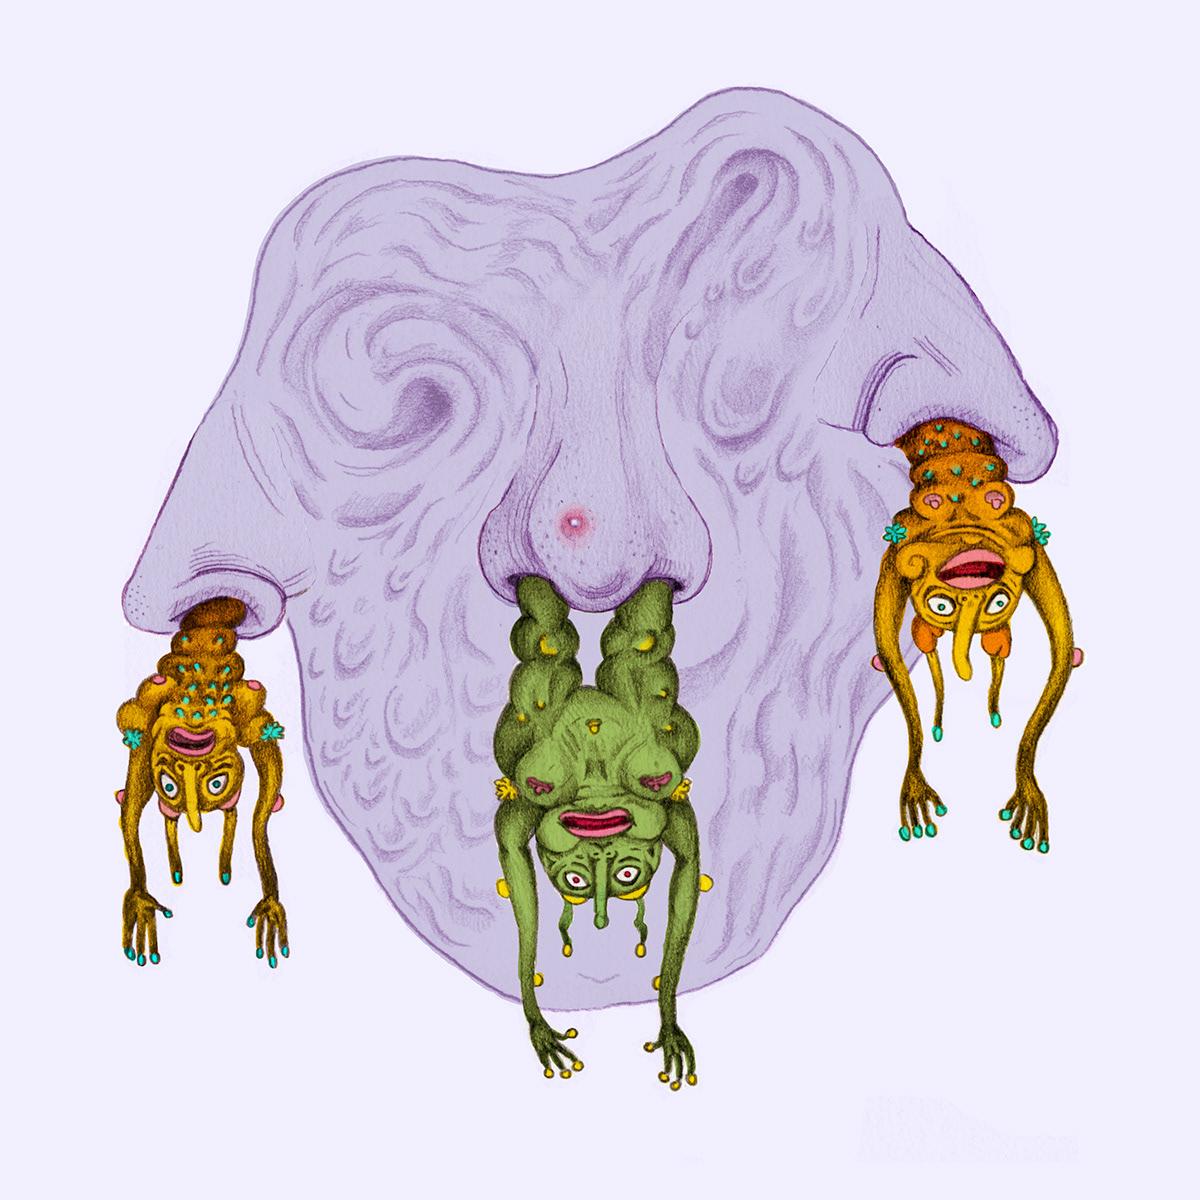 booger monster Character weird nose sick  design germs